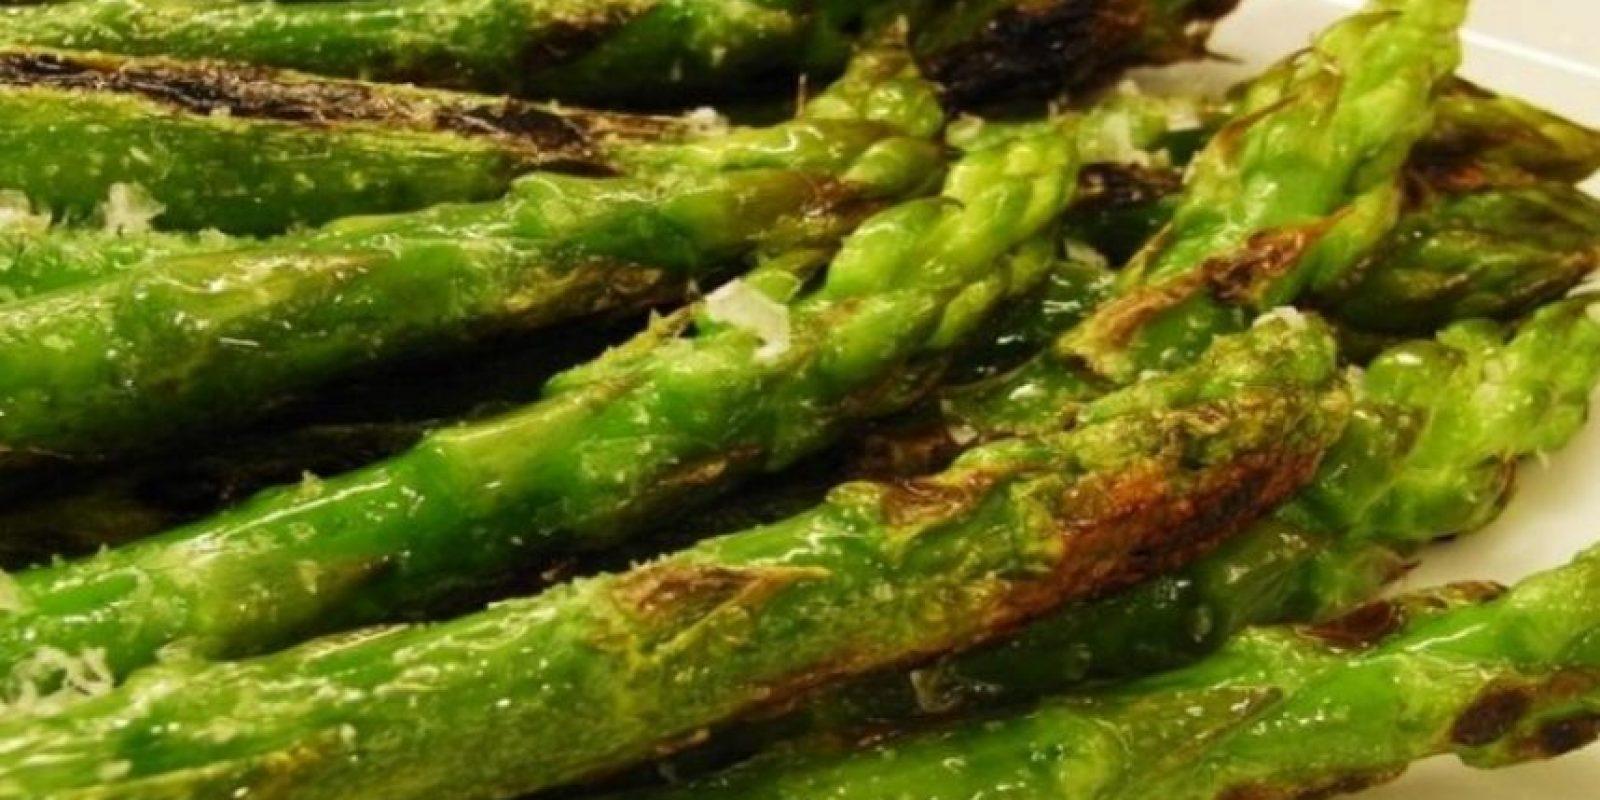 Además de su apariencia fálica, el espárrago puede ser un gran potenciador de la libido. Son ricos vitamina E, esencial para impulso sexual saludable. Foto:Tumblr